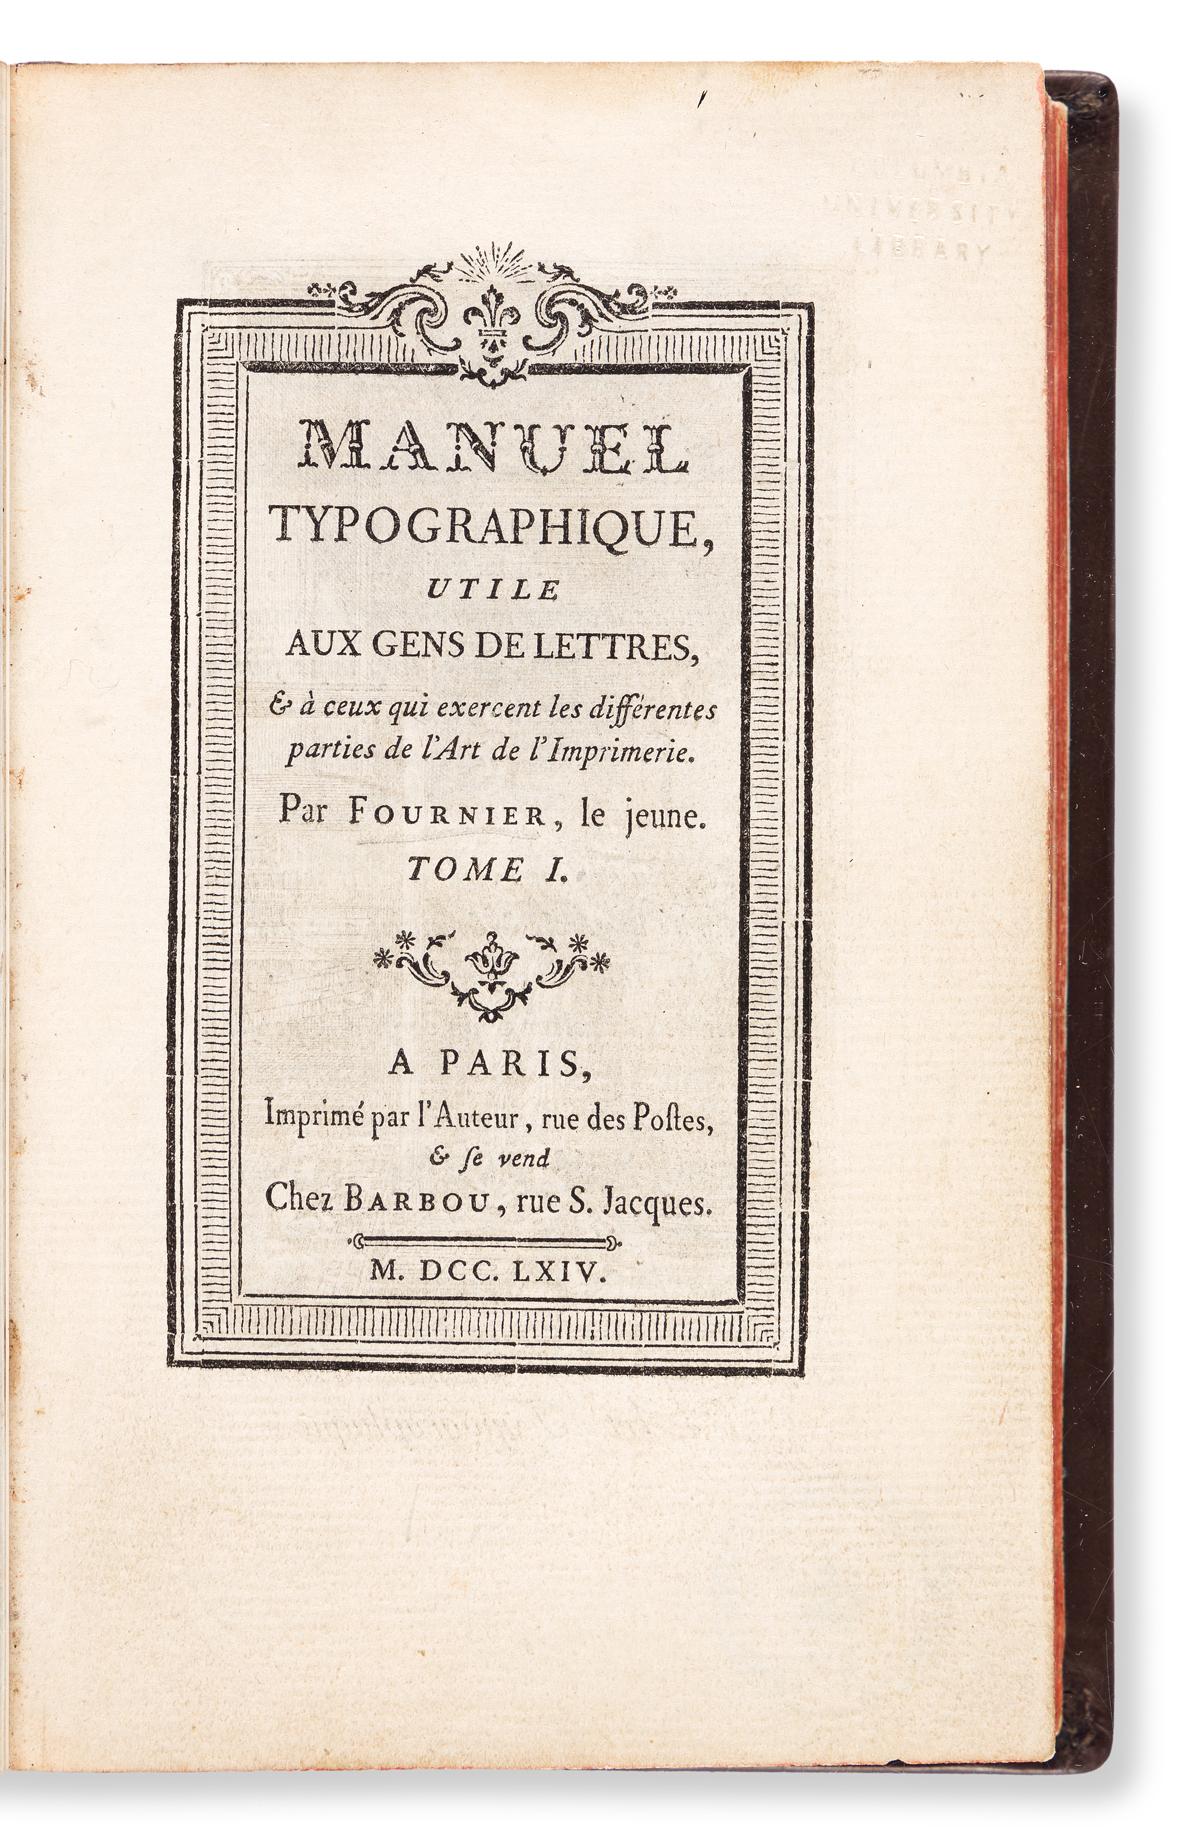 FOURNIER LE JEUNE. Manuel Typographique, Utile au gens de Lettres, & a ceux qui exercent les differentes parties de l'Art de l'Imprimer